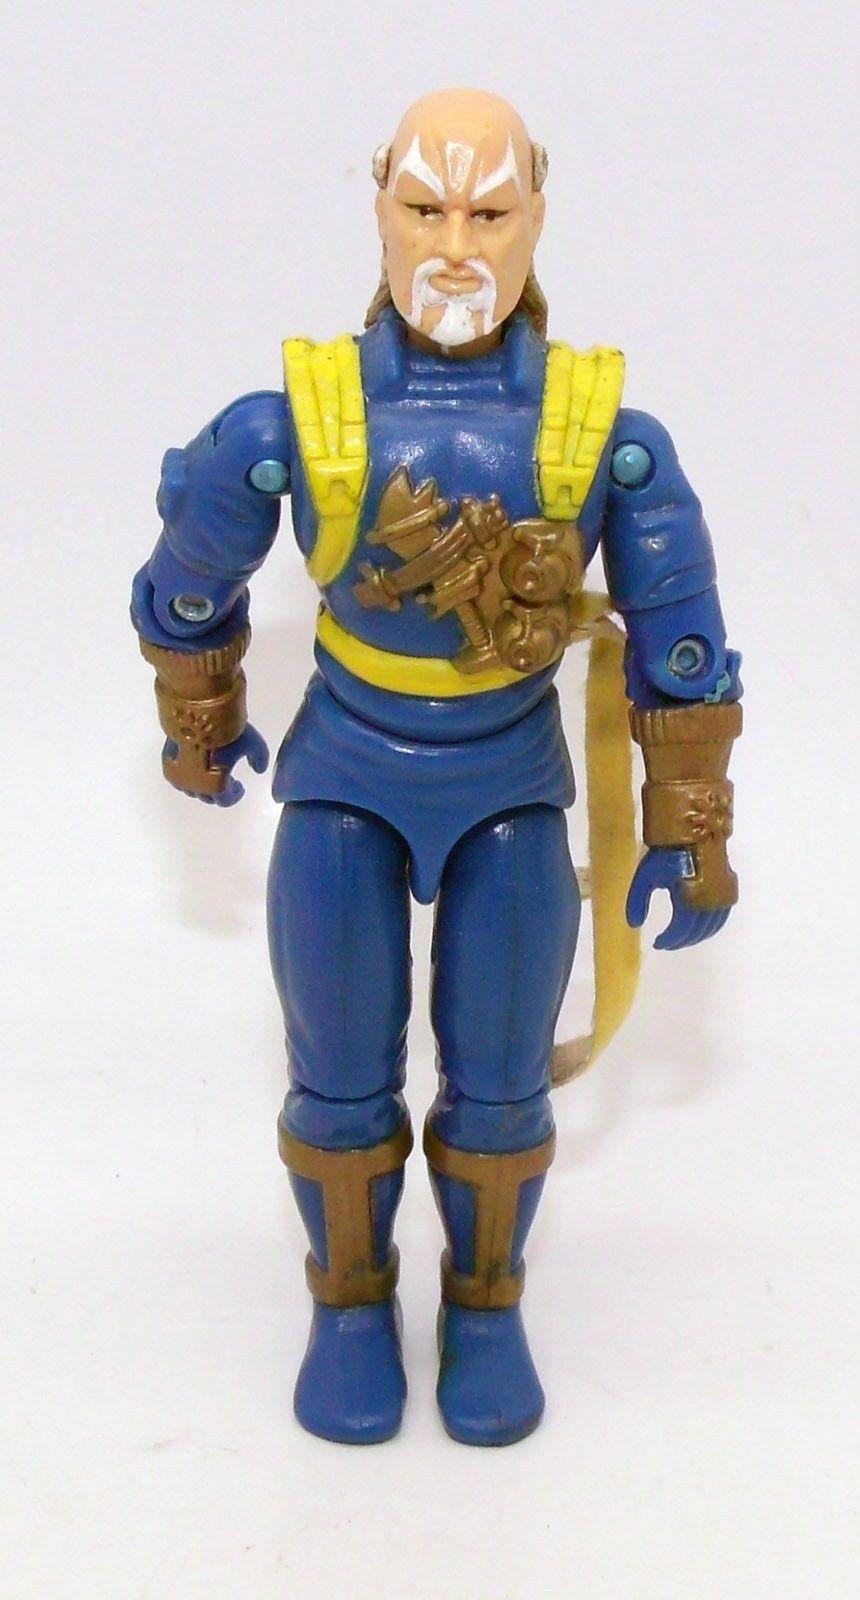 gi-joe-mortal-kombat-shang-tsung-vintage-loose-action-figure-hasbro-1994-1079fd602f43b77e5ca4c3a8bbc25757.jpg